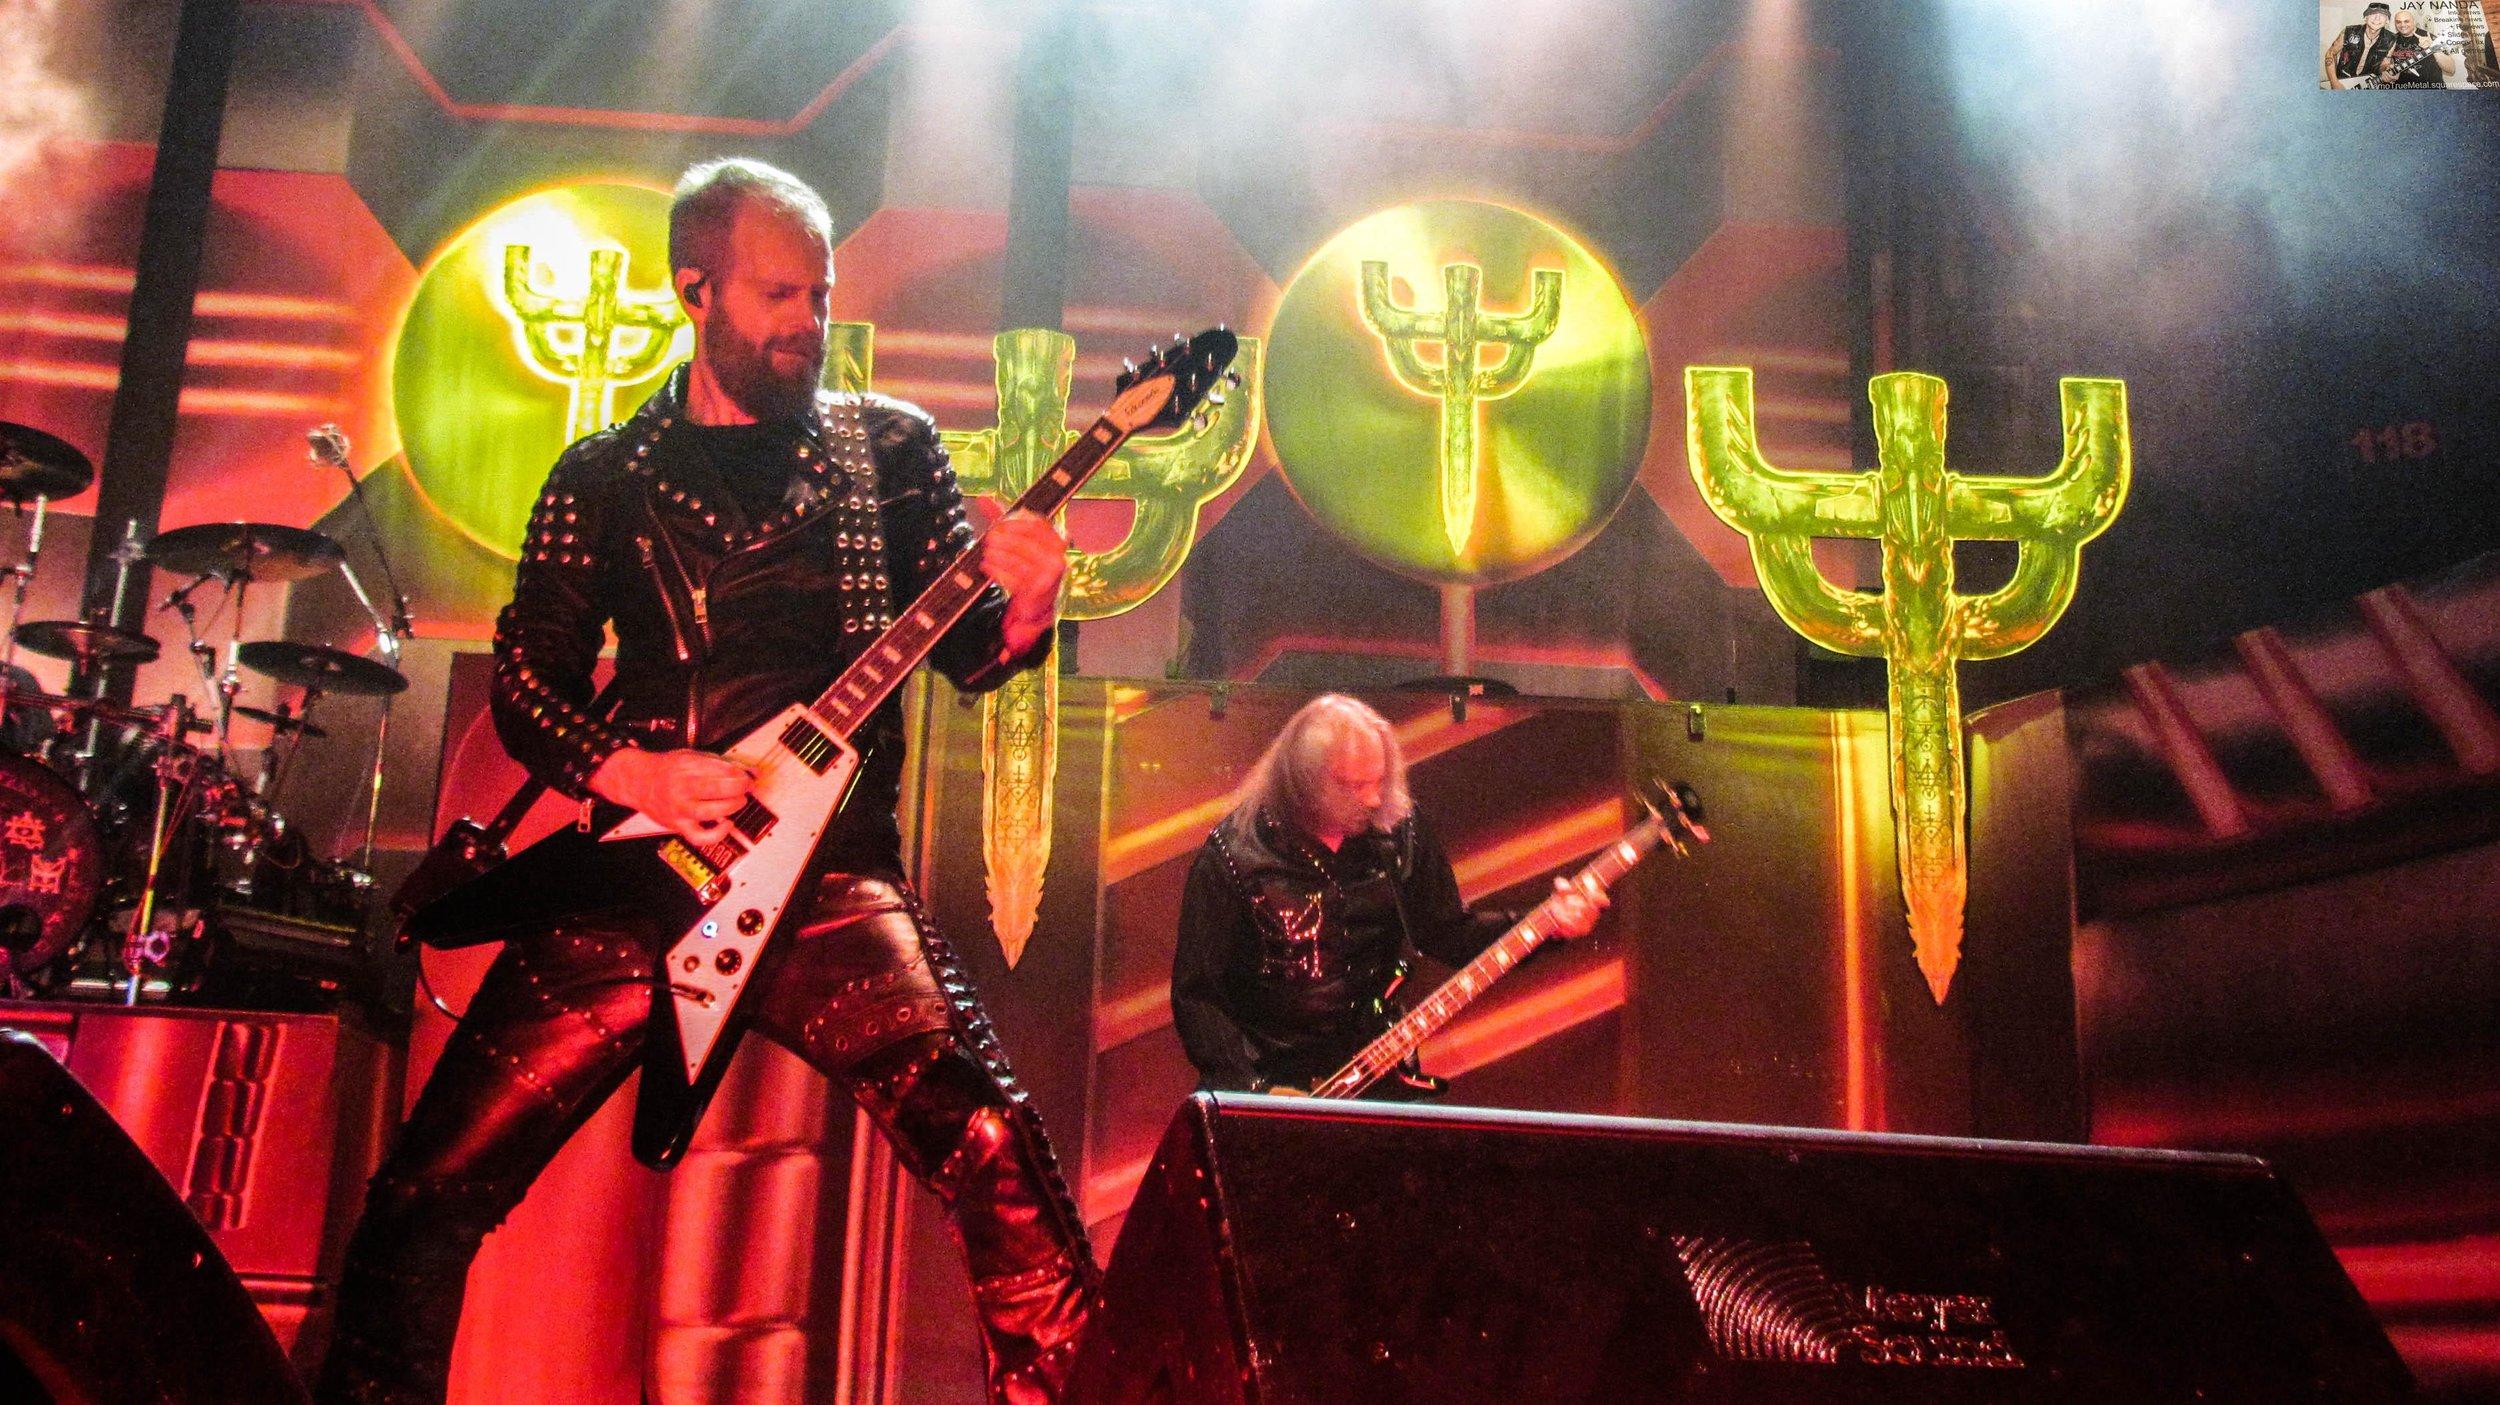 Judas Priest 24.jpg